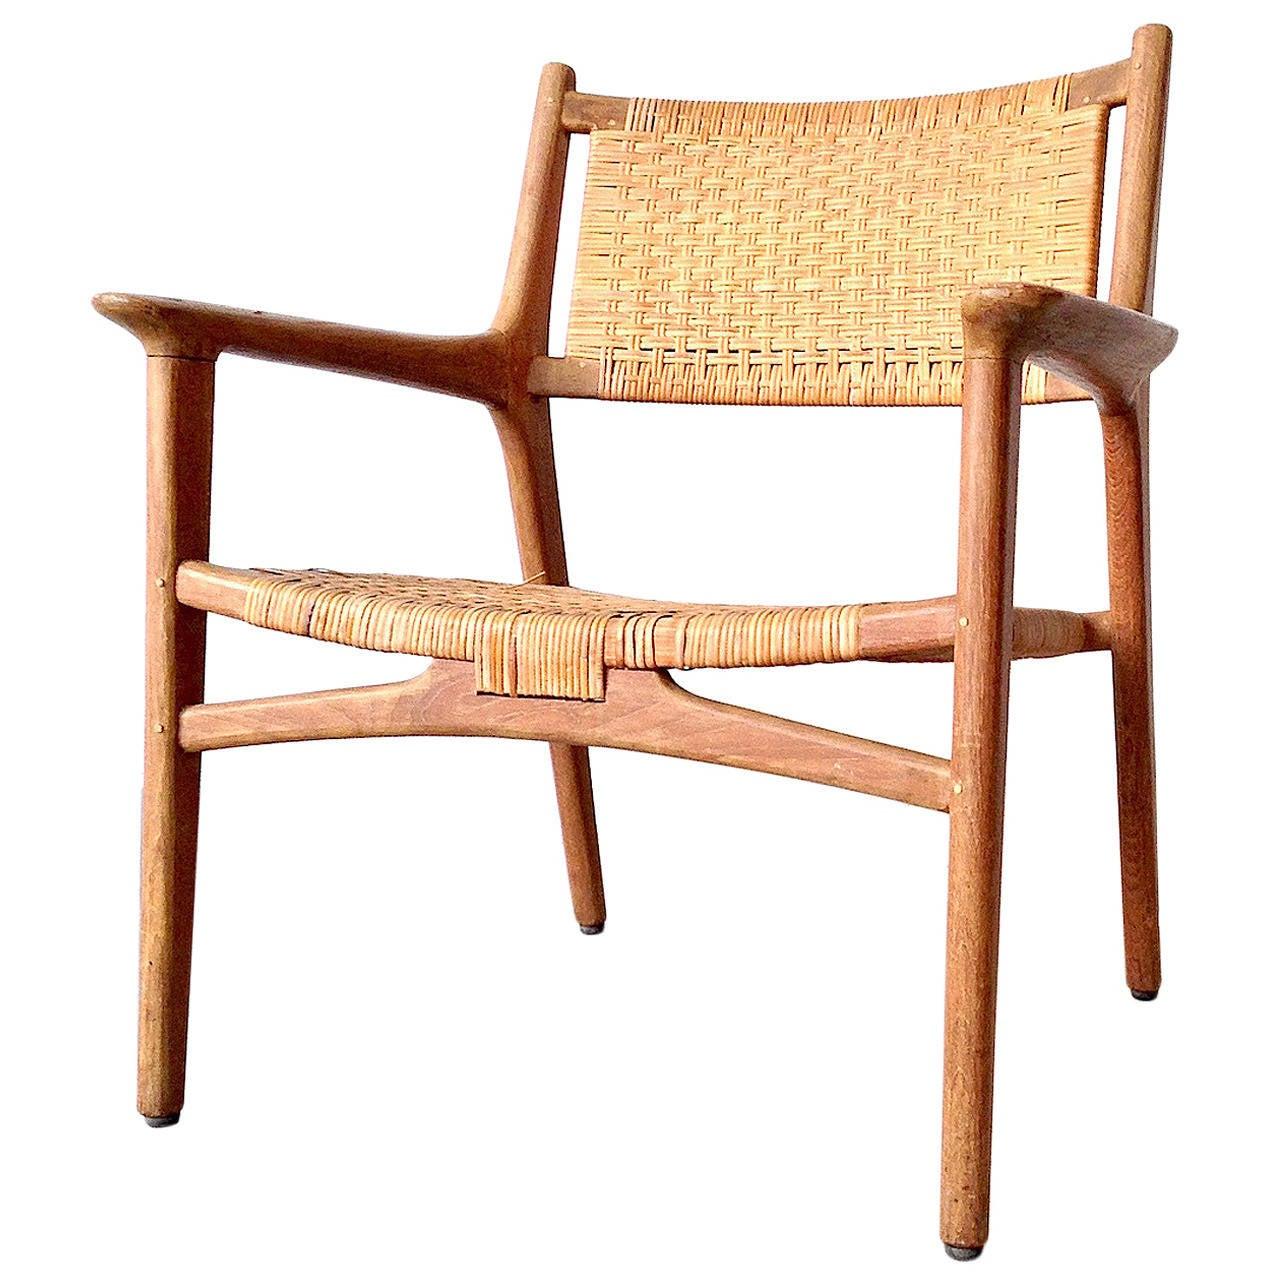 hans j wegner for johannes hansen teak cane easy chair 1951 at 1stdibs. Black Bedroom Furniture Sets. Home Design Ideas